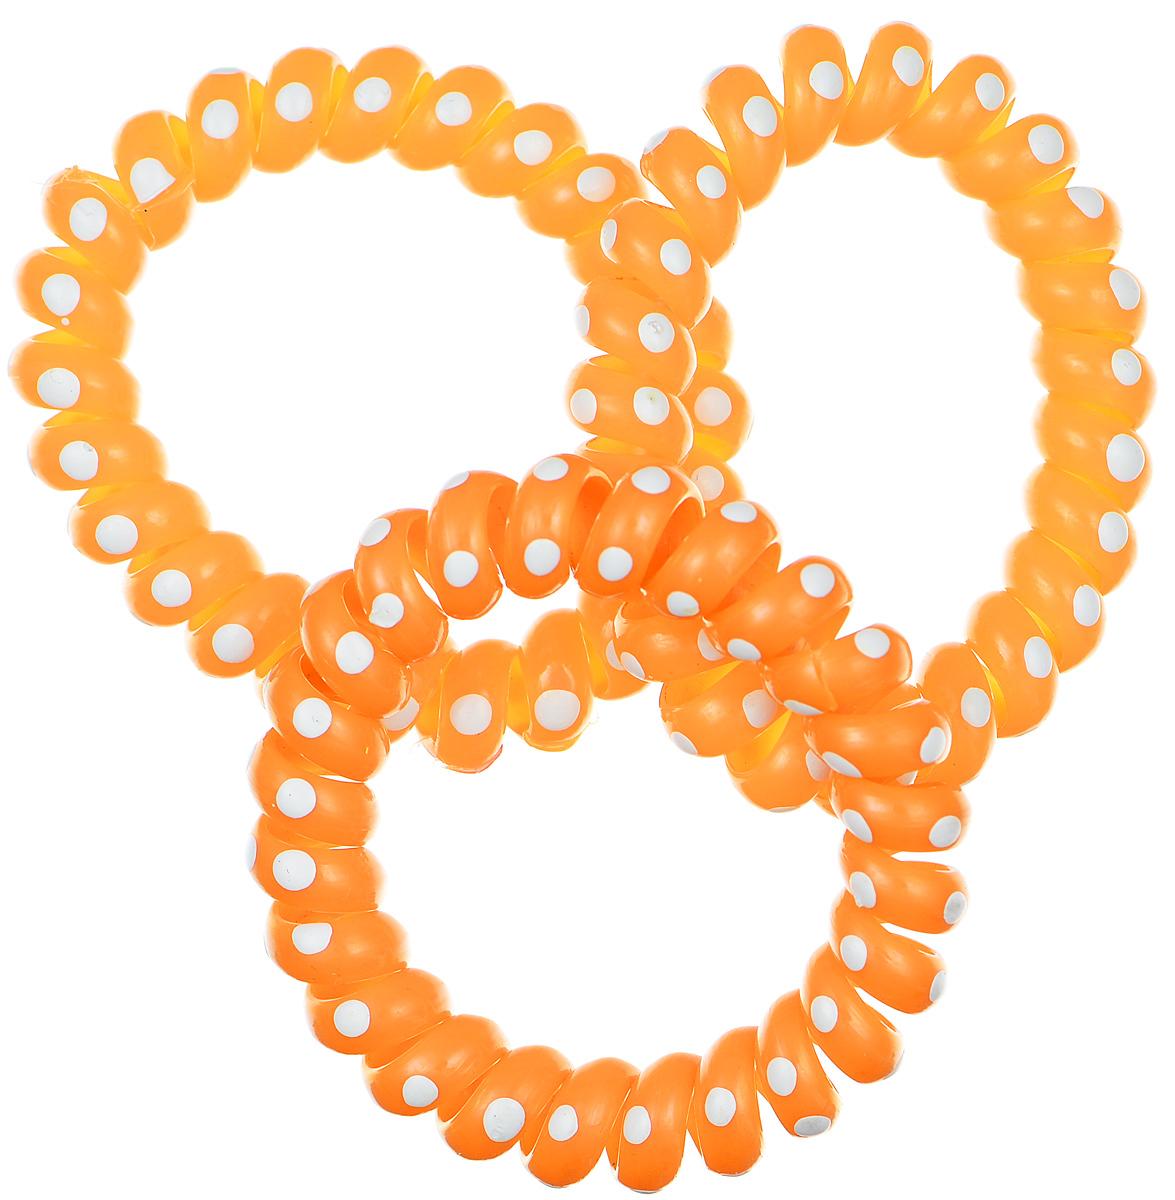 Резинка-браслетдляволос Mitya Veselkov, цвет: оранжевый, 3 шт. REZ2-LORAREZ2-LORAЯркие резинки-браслеты Mitya Veselkov выполнены из качественной резины и оформлены принтом в горошек. Столь необычная форма резинок дает множество преимуществ. Резинка не оставляет заломов на волосах. При длительном ношении, снимая ее, вы не почувствуете усталость волос.Оригинально смотрится на волосах. Отлично сохраняет свою форму и надежно фиксирует прическу. Не мокнет. Не травмирует волосы. В отличие от обычных резинок, нет трения, зажимов отдельных волосков или прядей.Также их можно использовать как стильные браслеты.